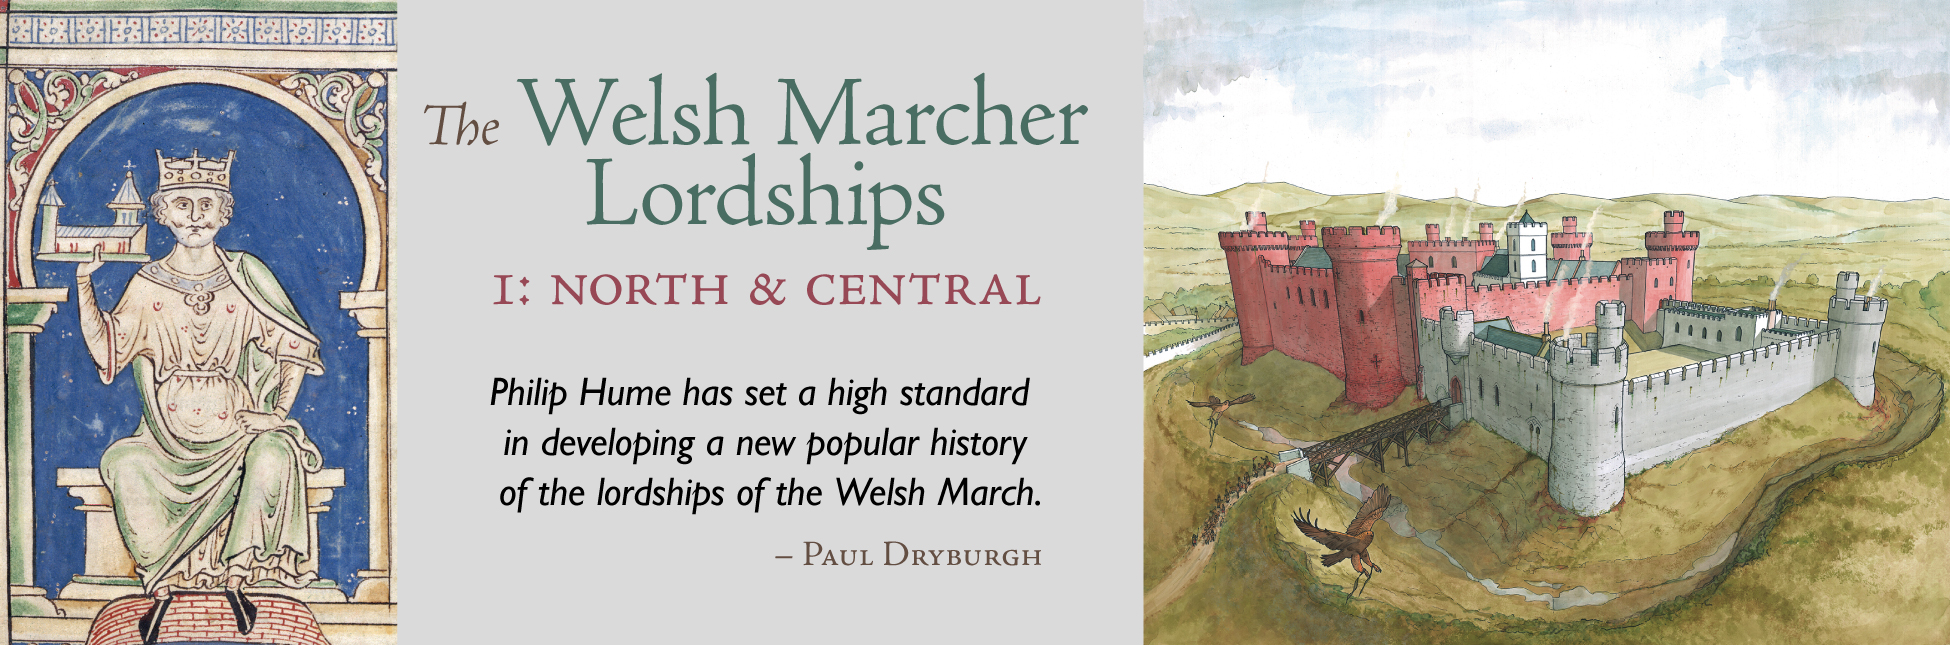 Welsh Marcher Lordships banner